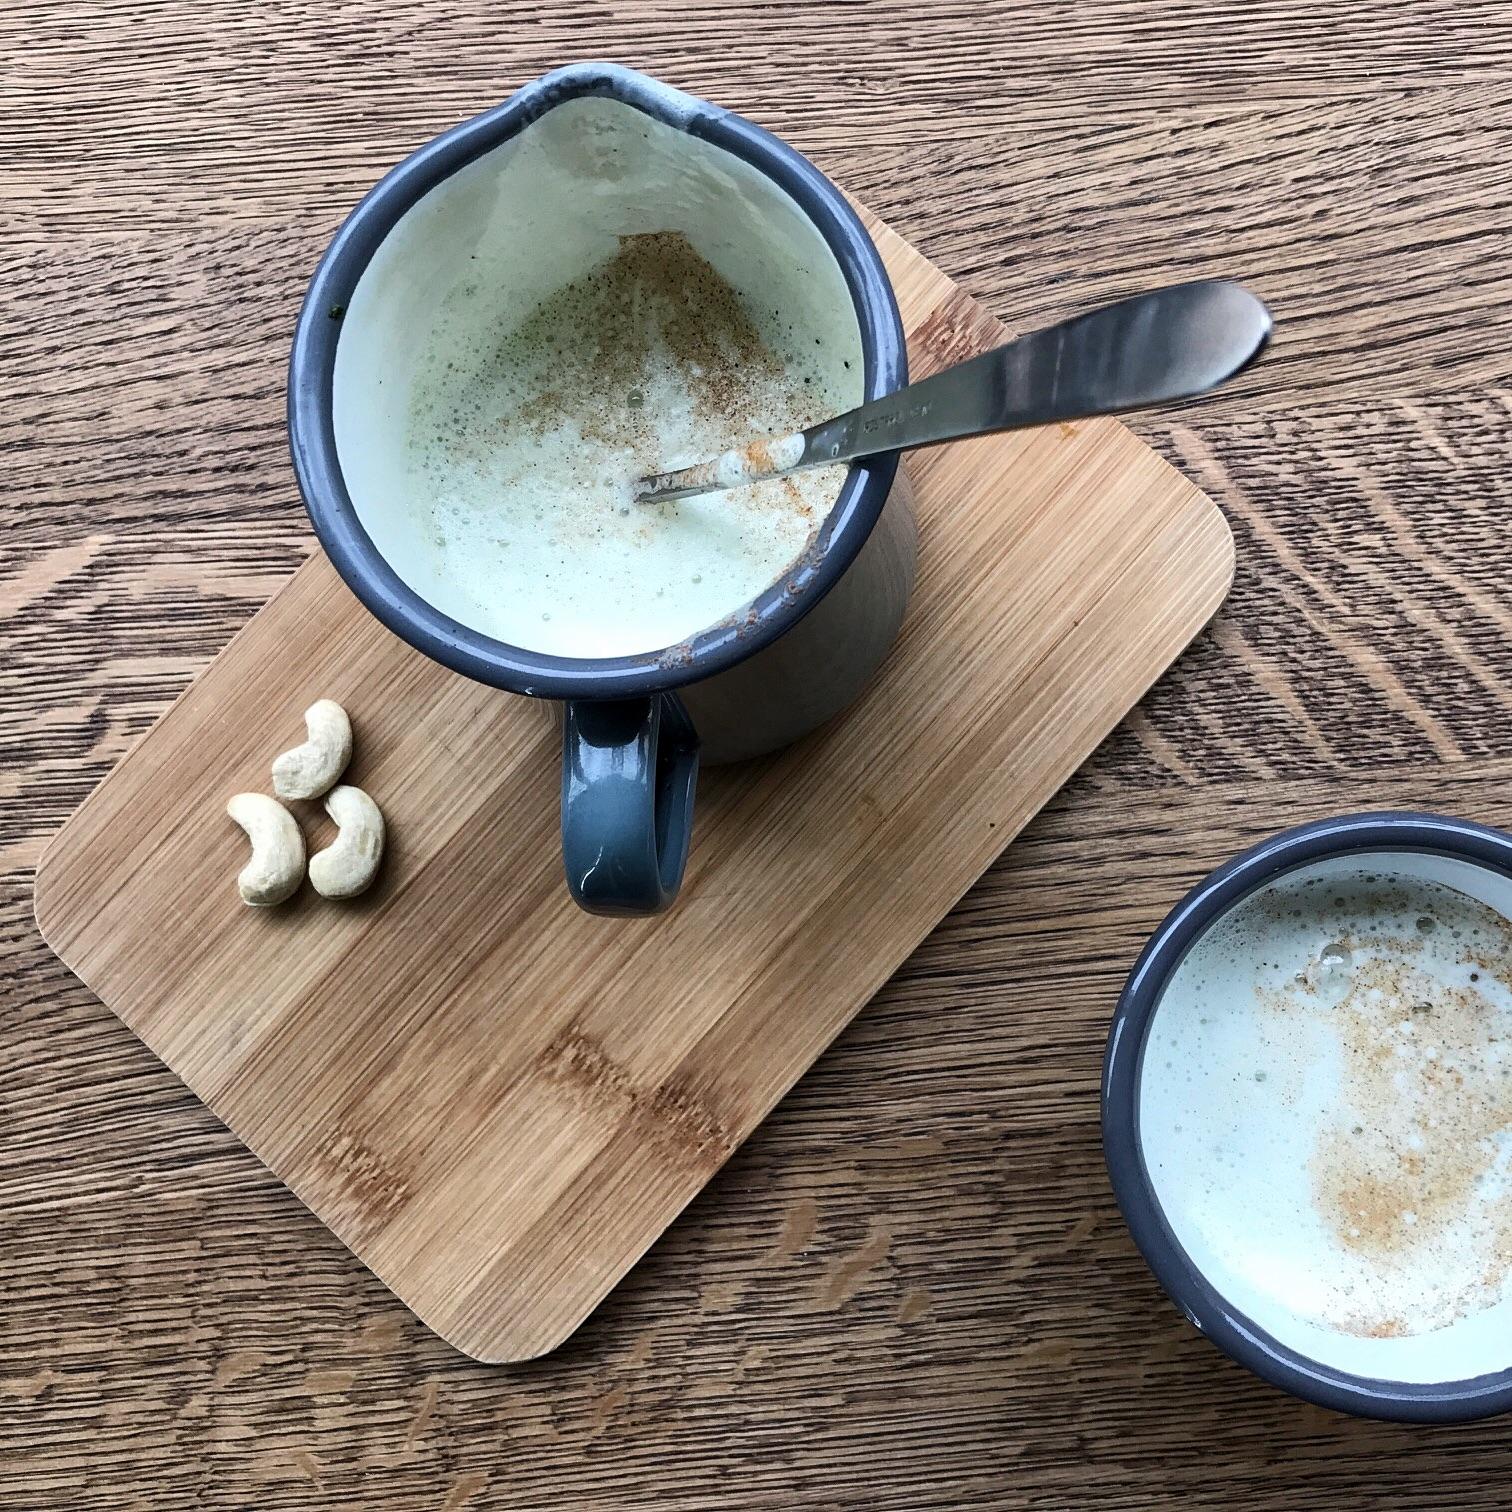 Sasu Juicebar Zurich Matcha Latte